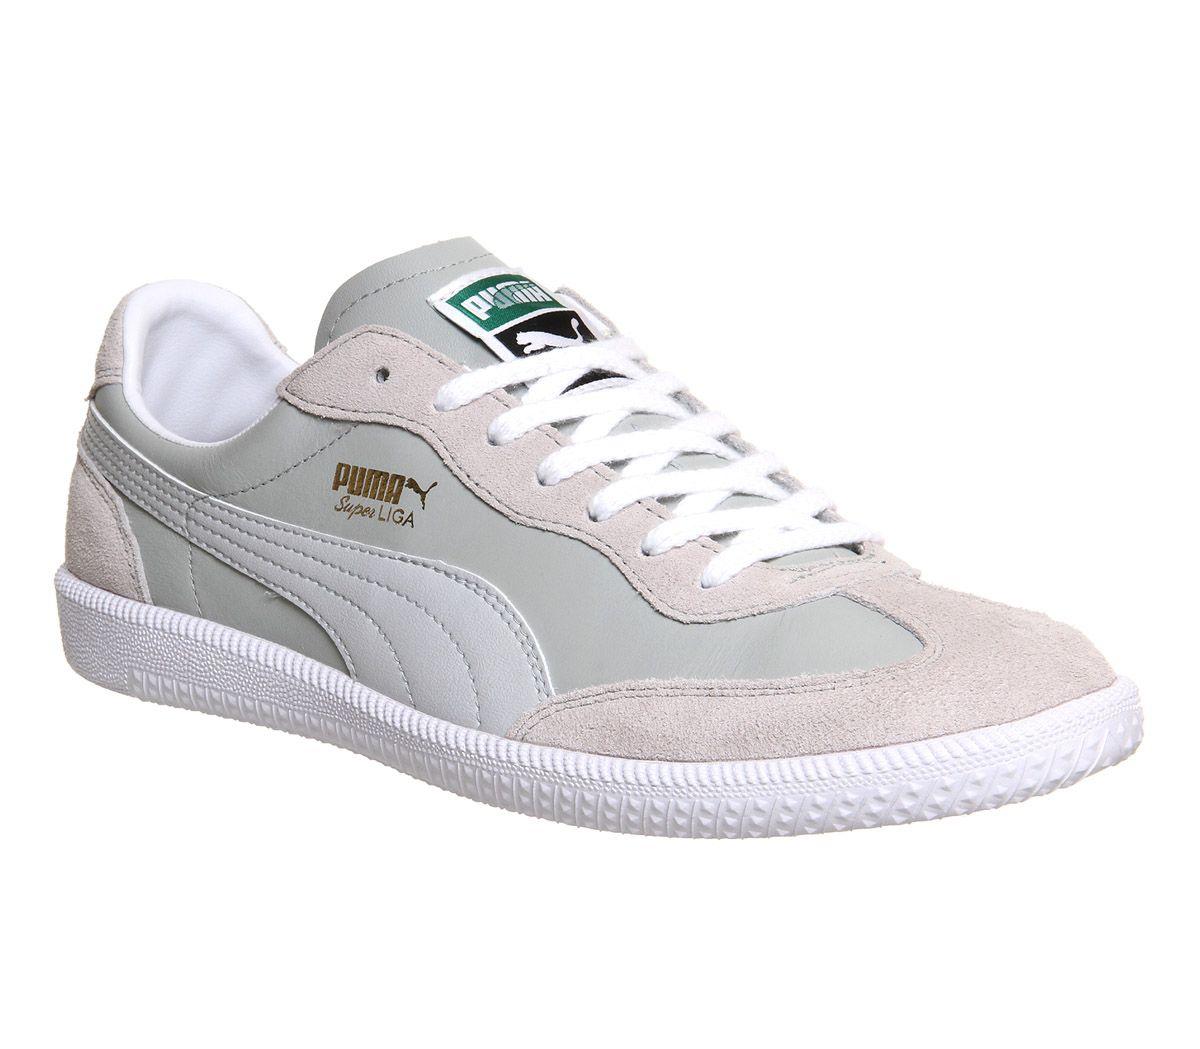 Puma Super Liga Og Retro Grey Violet - His trainers